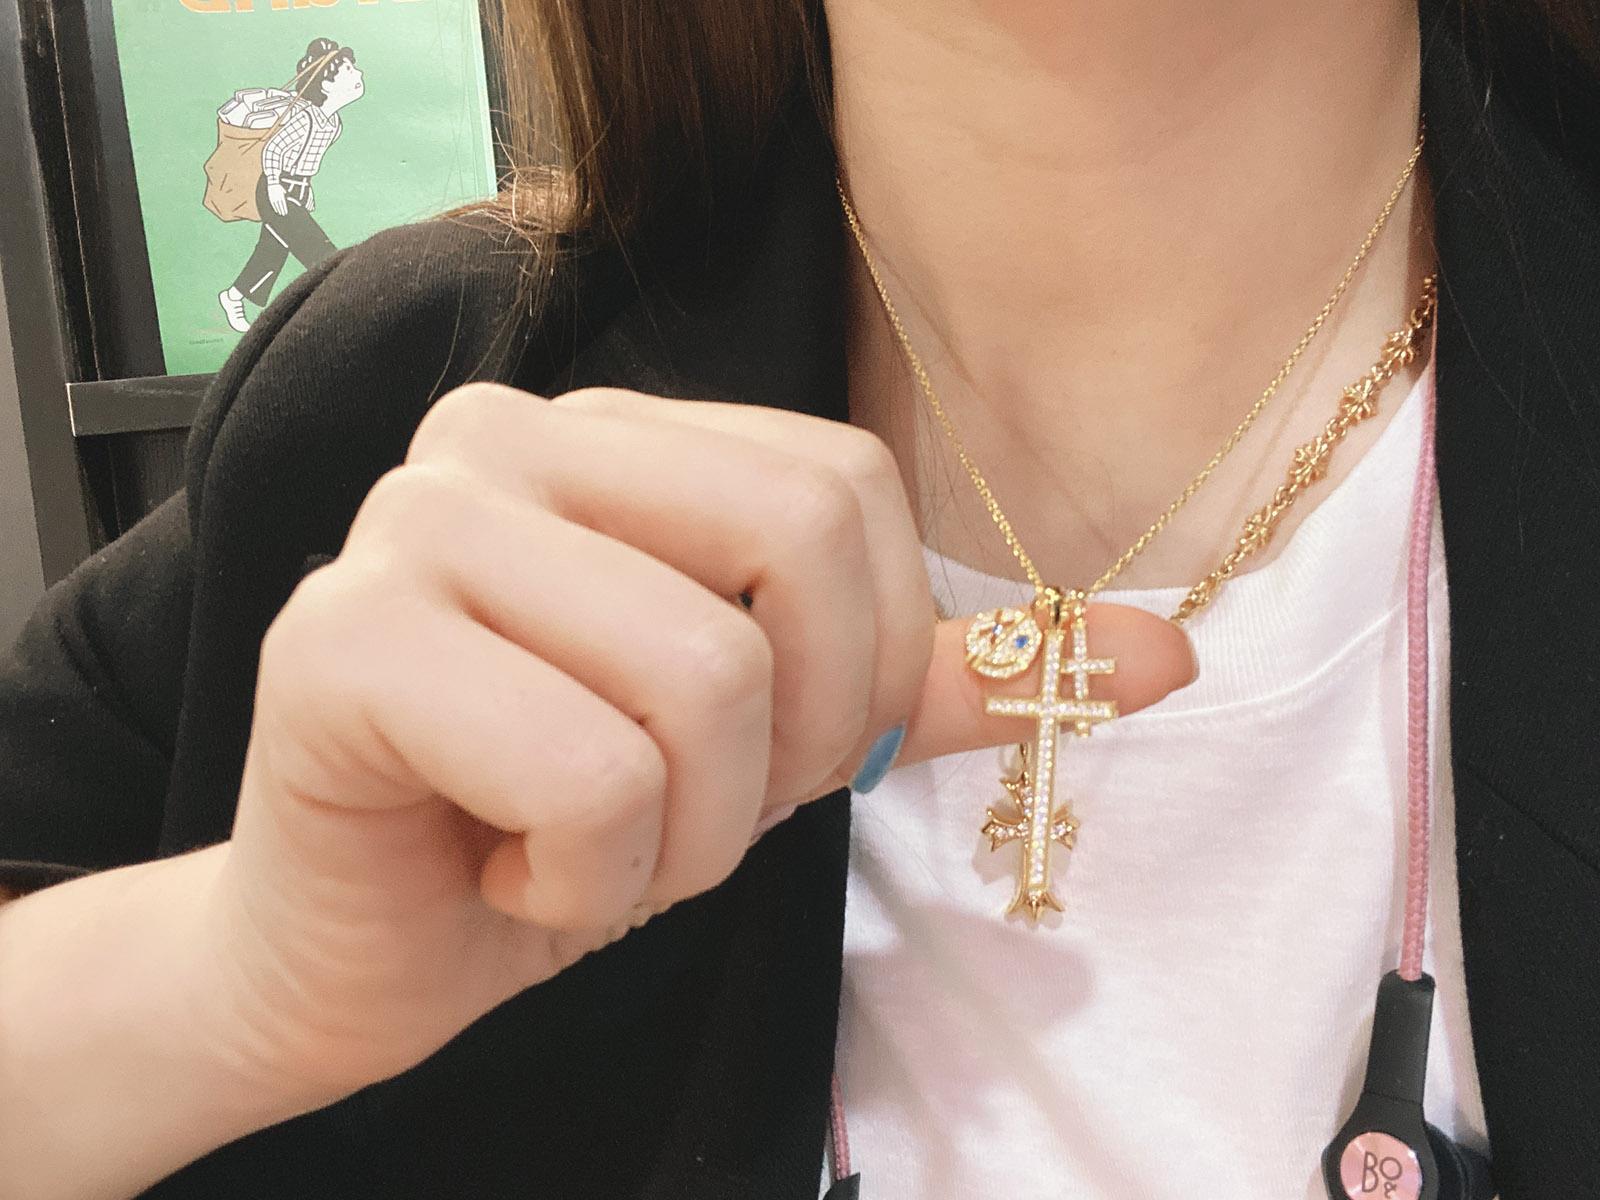 雪梨私物 私藏chic925纯银笑脸十字架组合情侣款 项链电镀18k真金图片